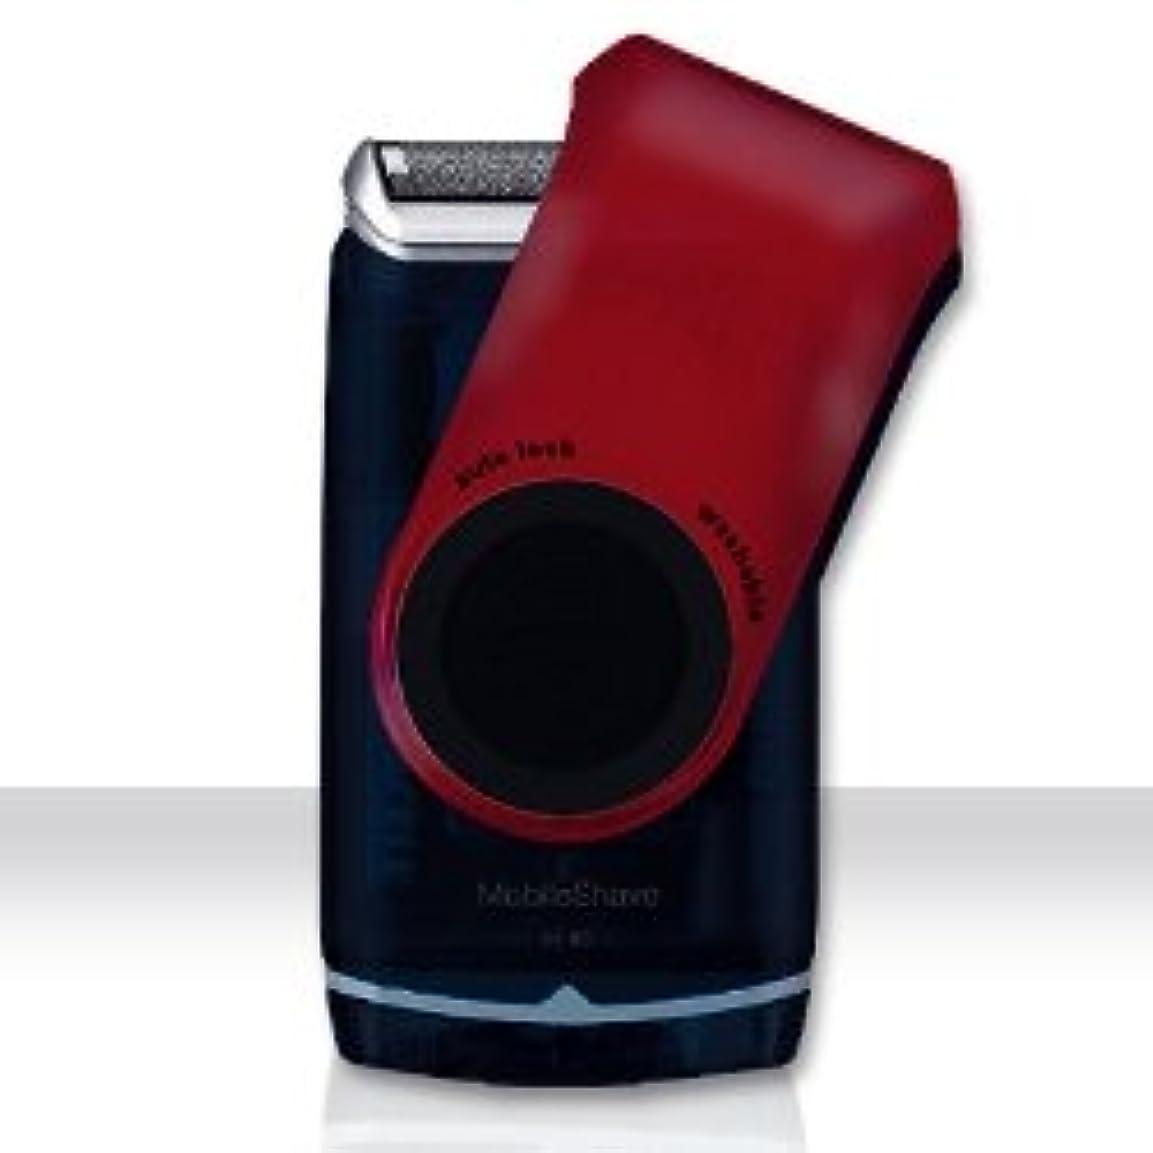 学生犬常習者ブラウン モバイル ポケット シェーバー M60 赤 電池式 並行輸入品